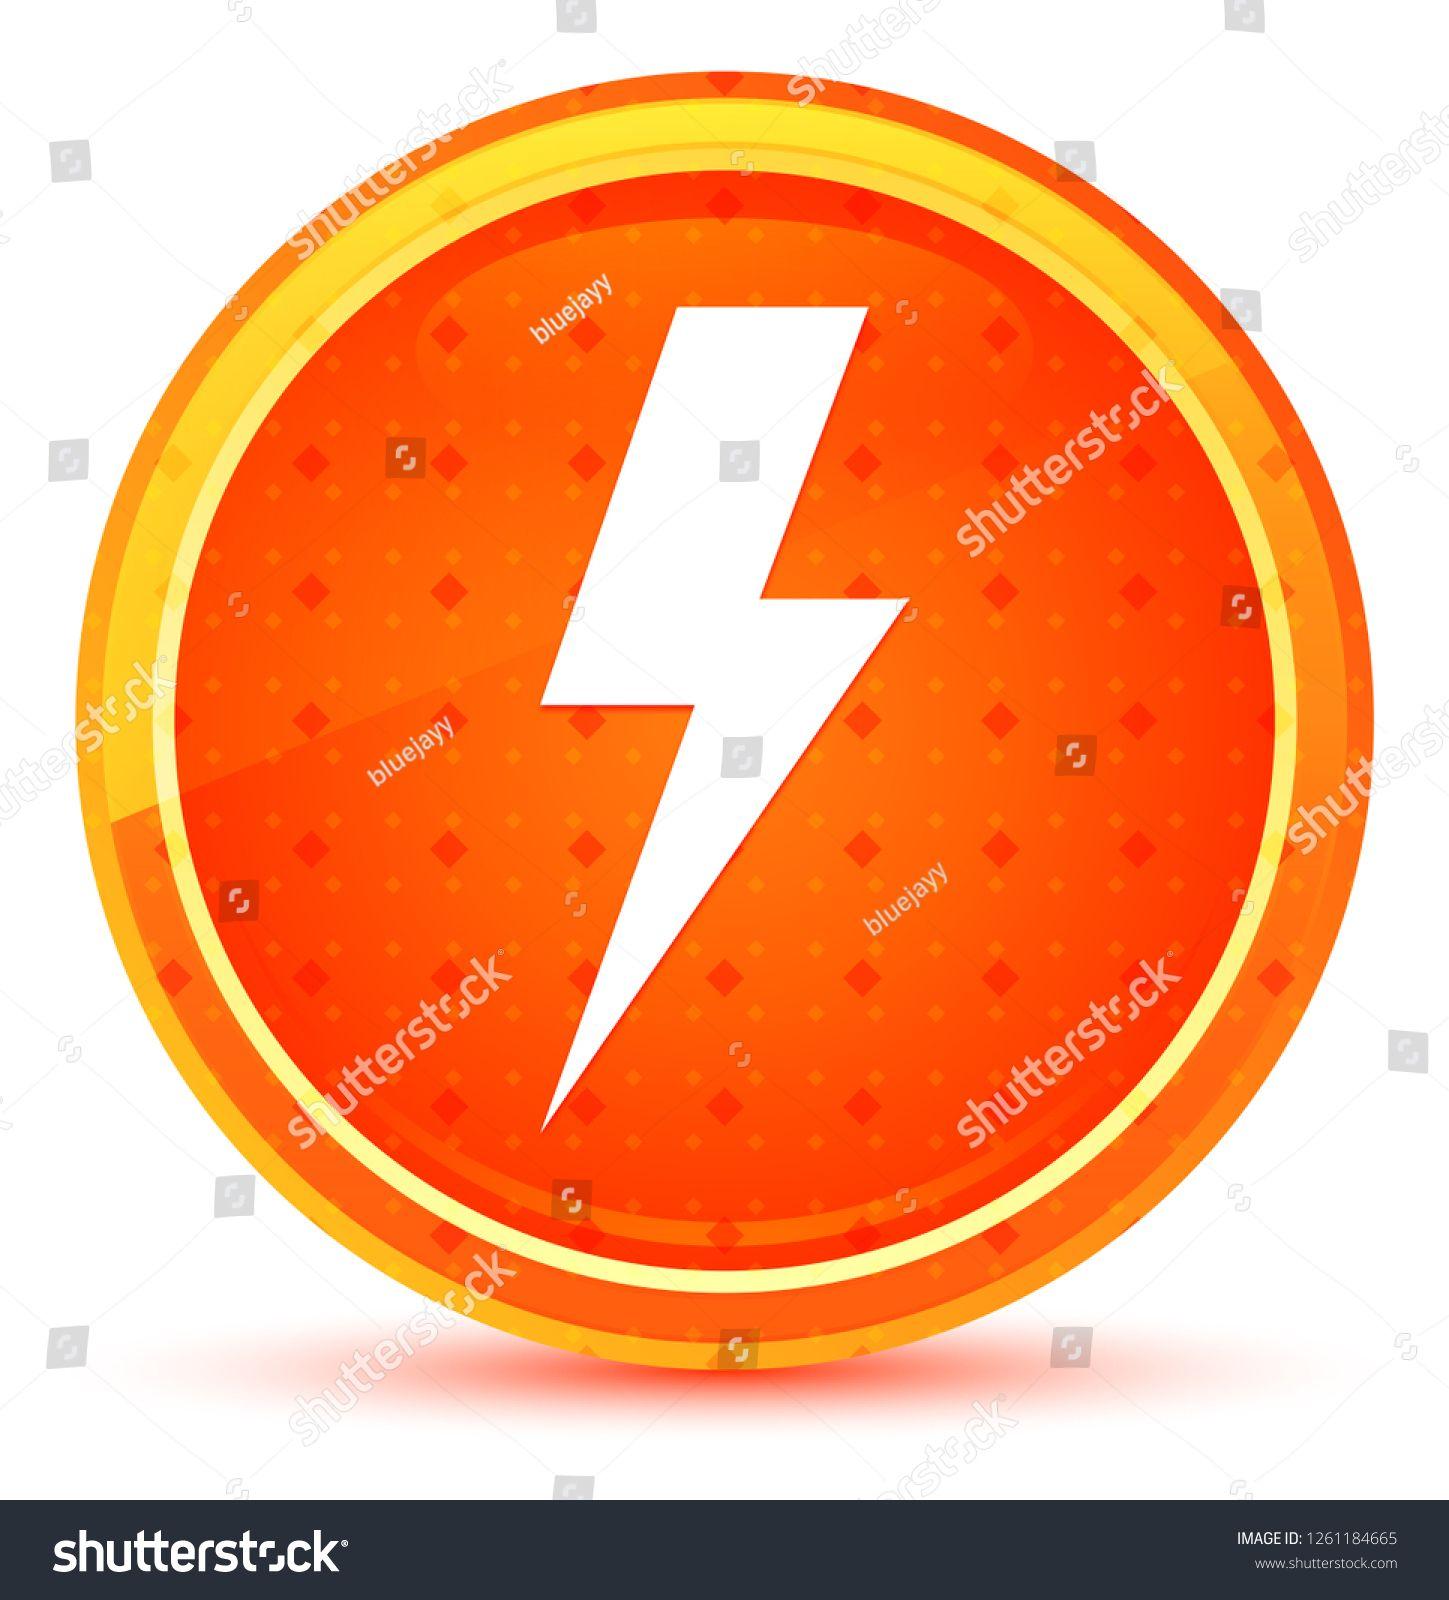 Lightning bolt icon isolated on natural orange round